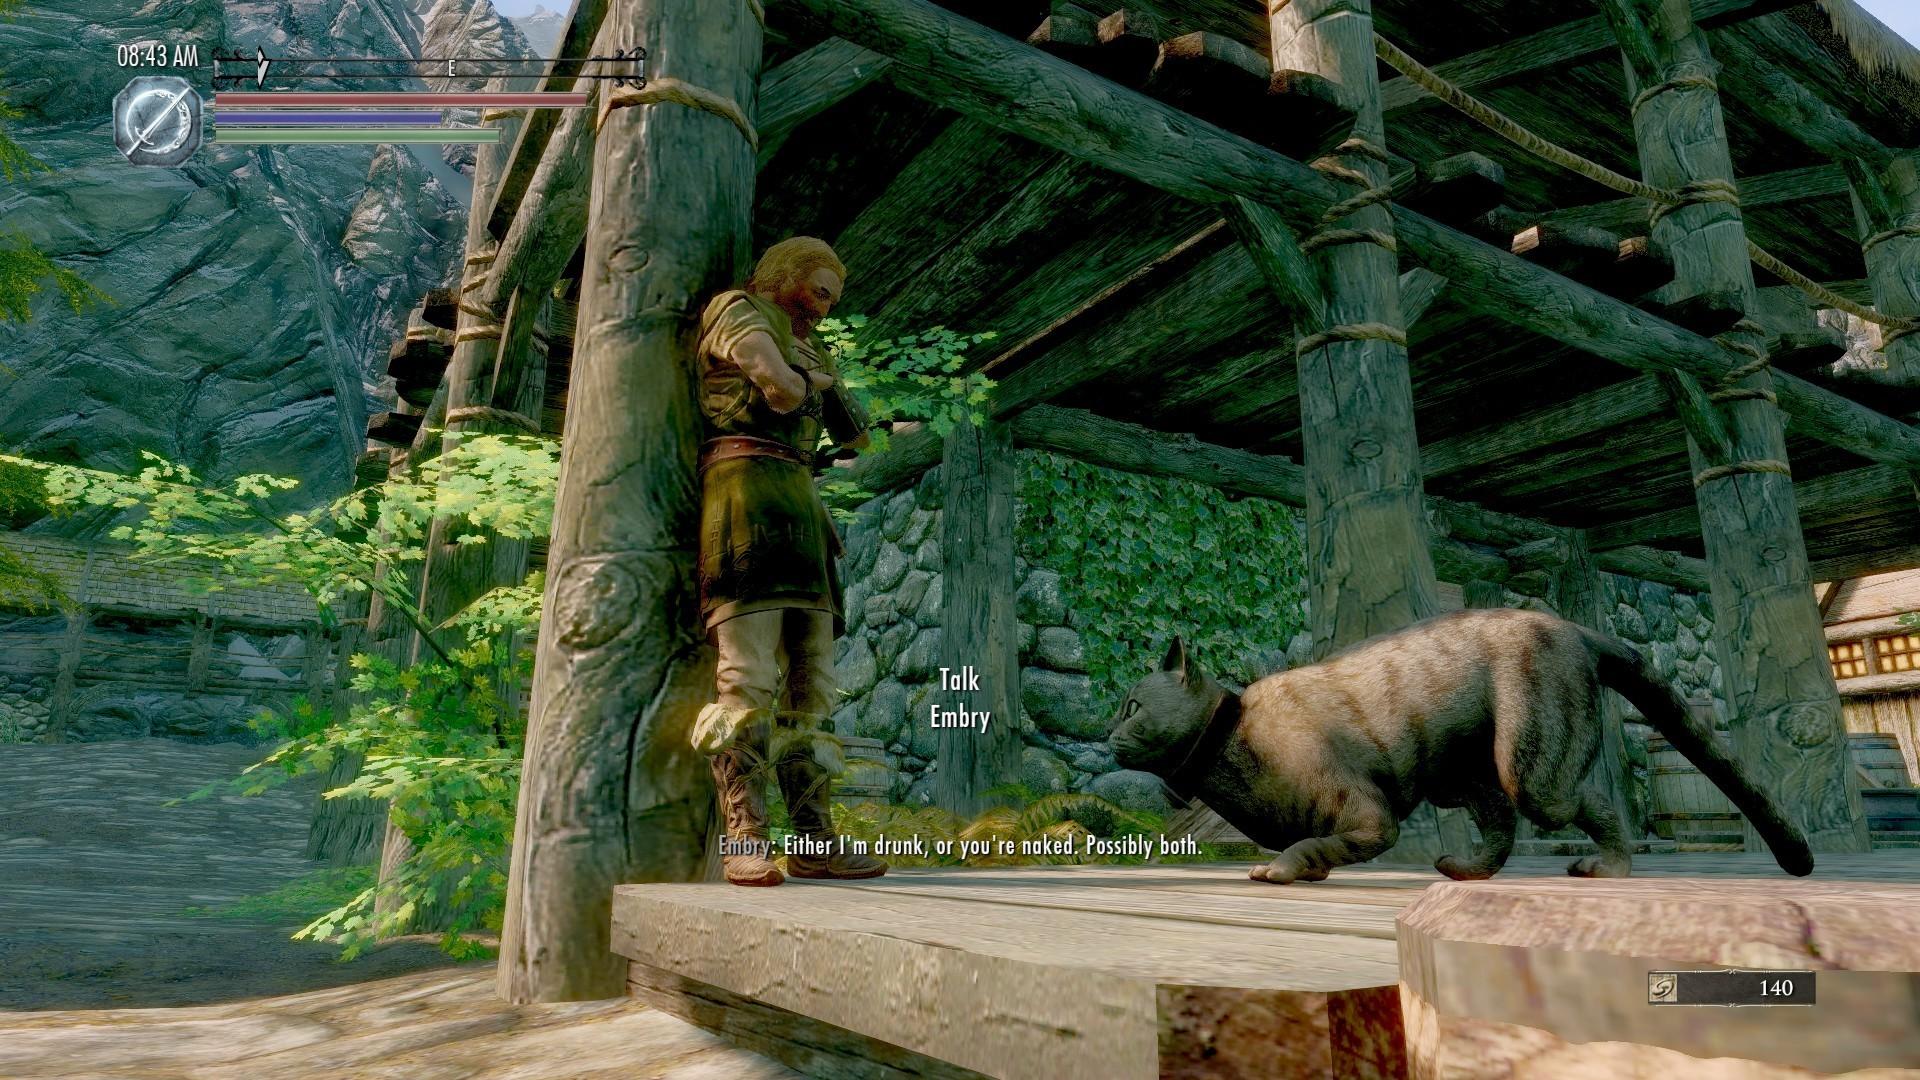 news.100345_1574740664_270559935.jpg - The Elder Scrolls 5: Skyrim